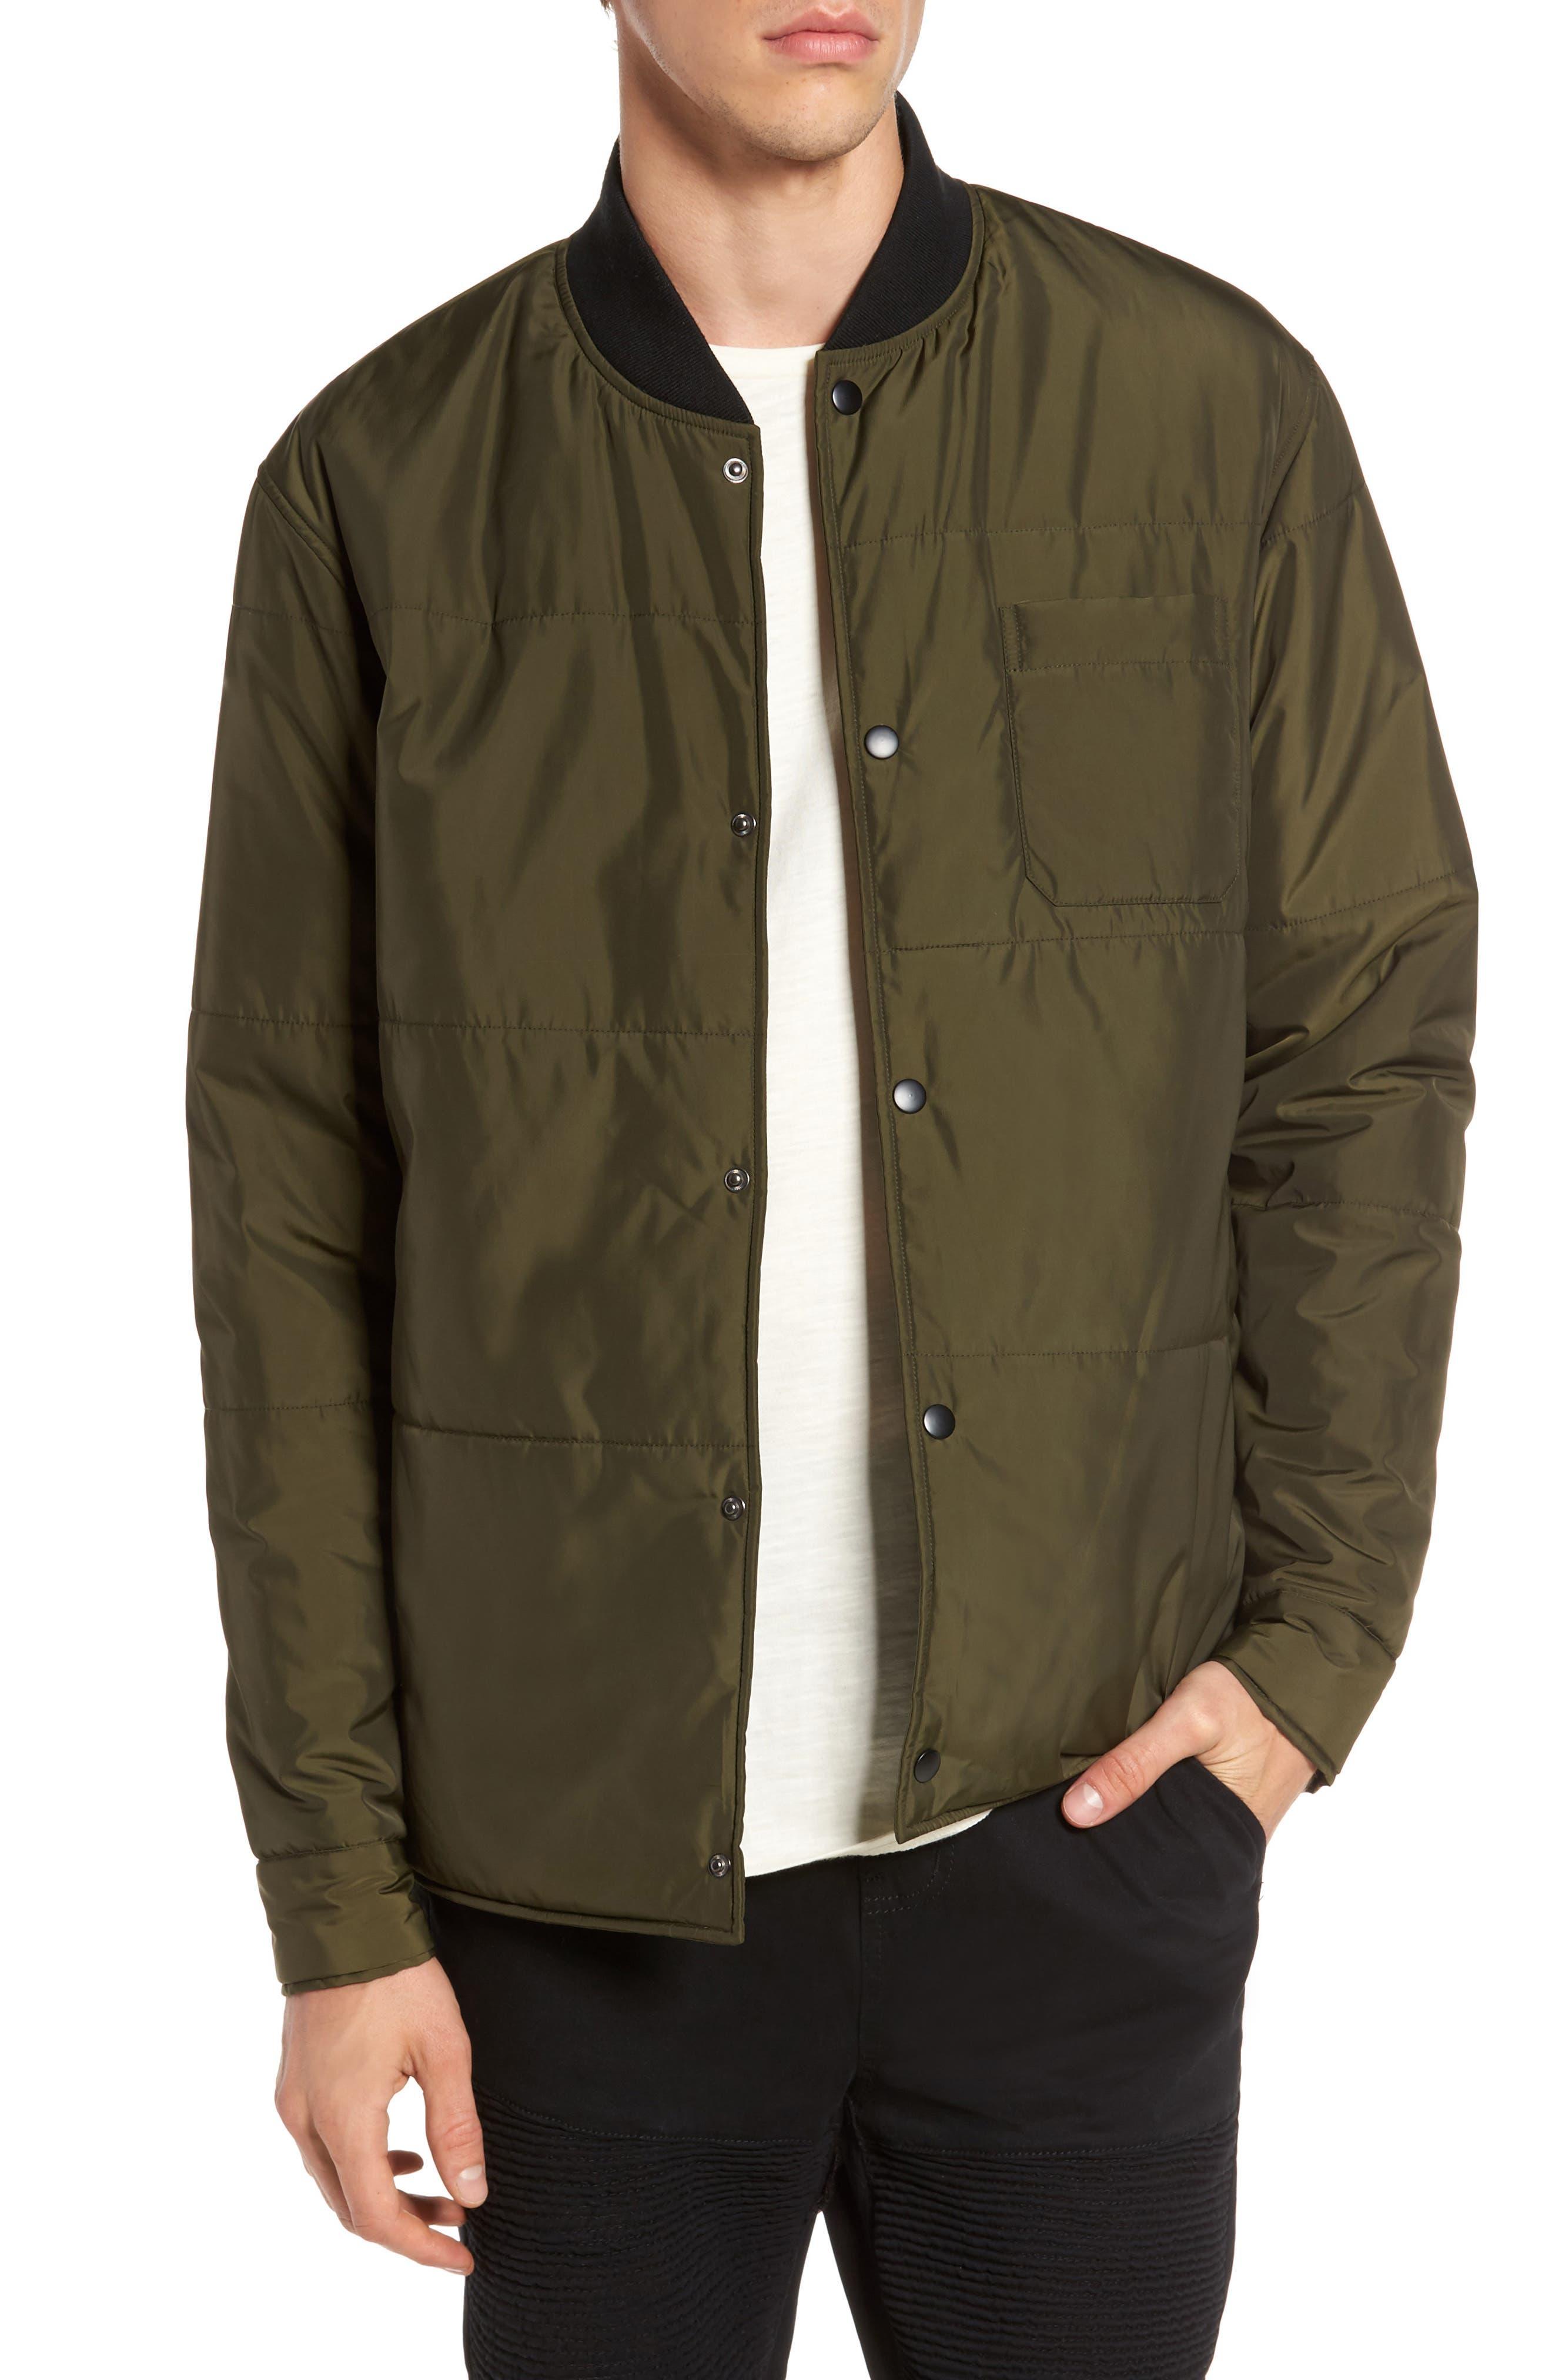 Lira Clothing Bundy Bomber Jacket